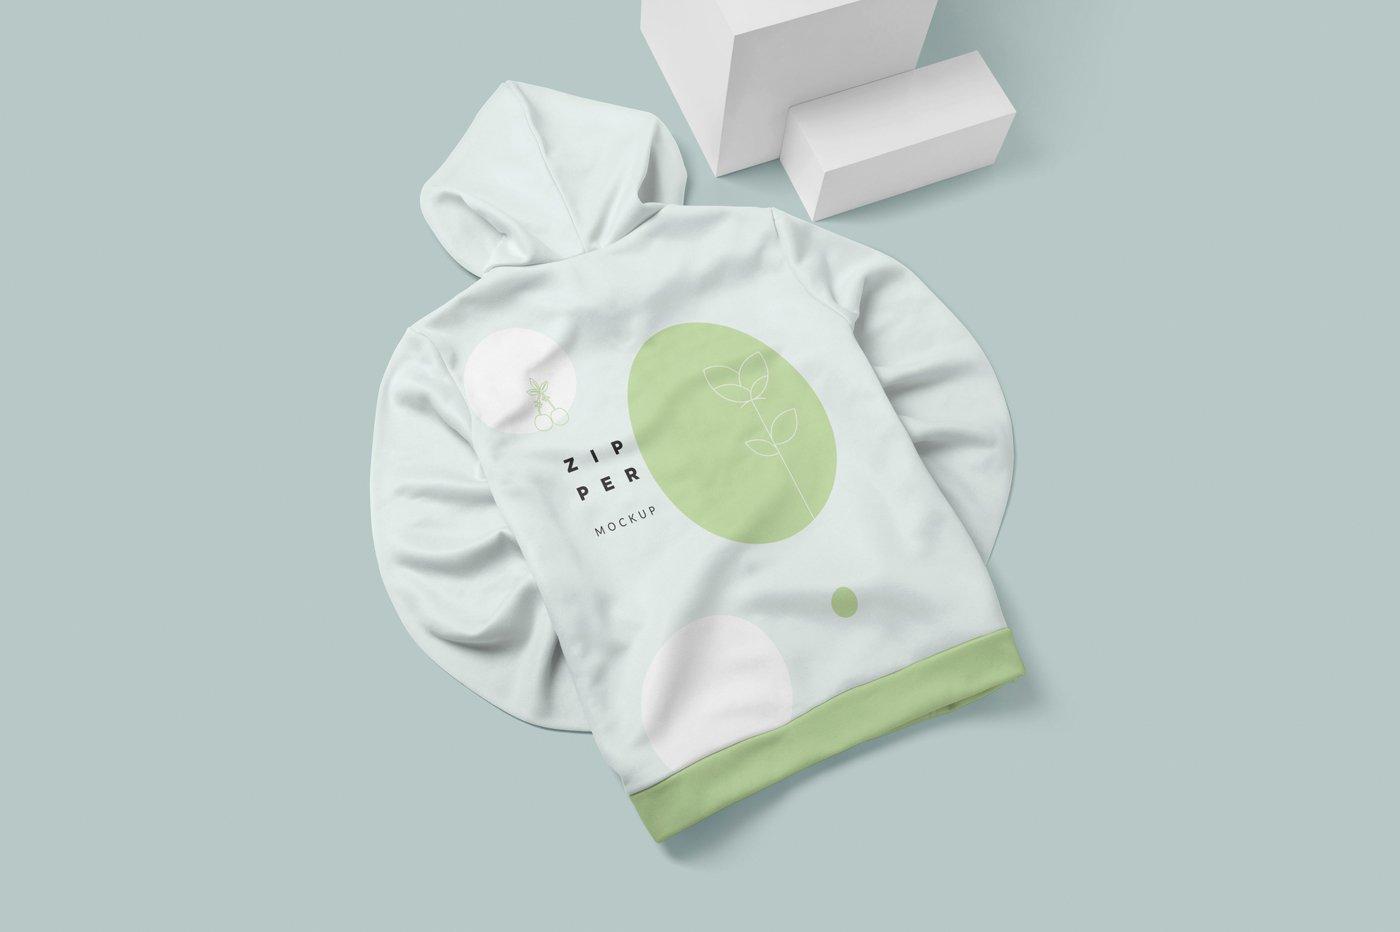 拉链连衣帽卫衣印花设计展示样机模板 Zipper Hoodie Mockup Templates插图(3)